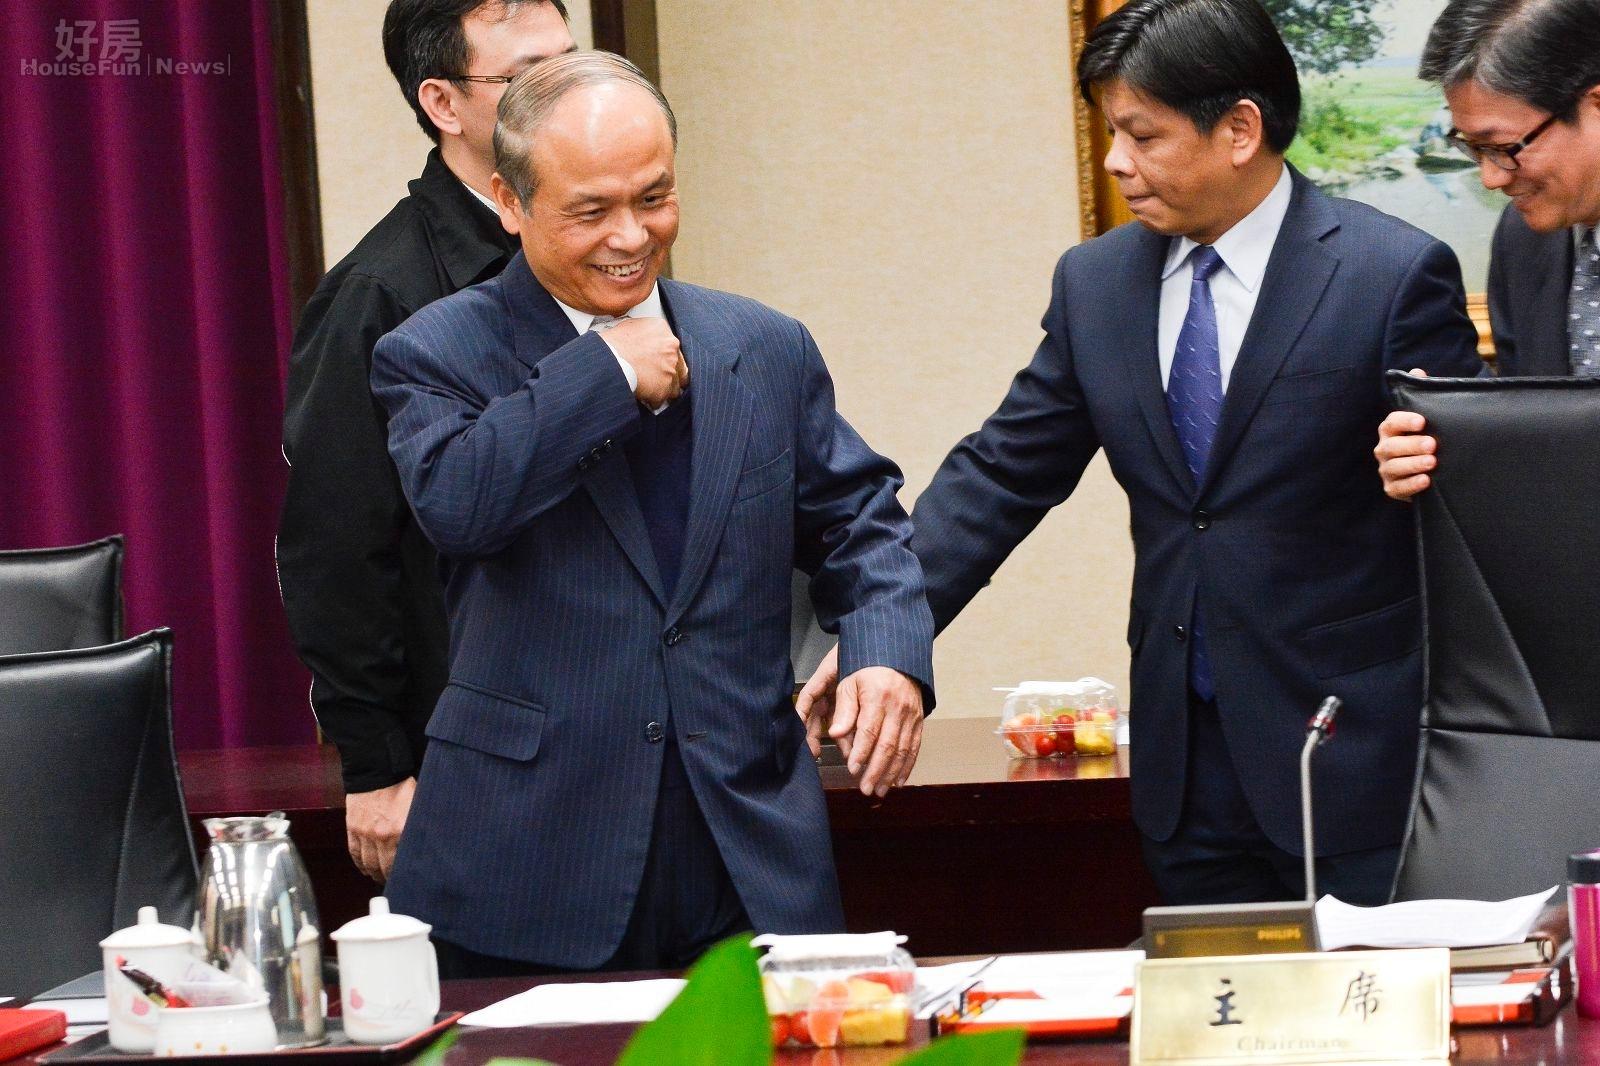 財政部長張盛和辦房地合一座談會與學者對談。(好房網News記者 陳韋帆/攝影)